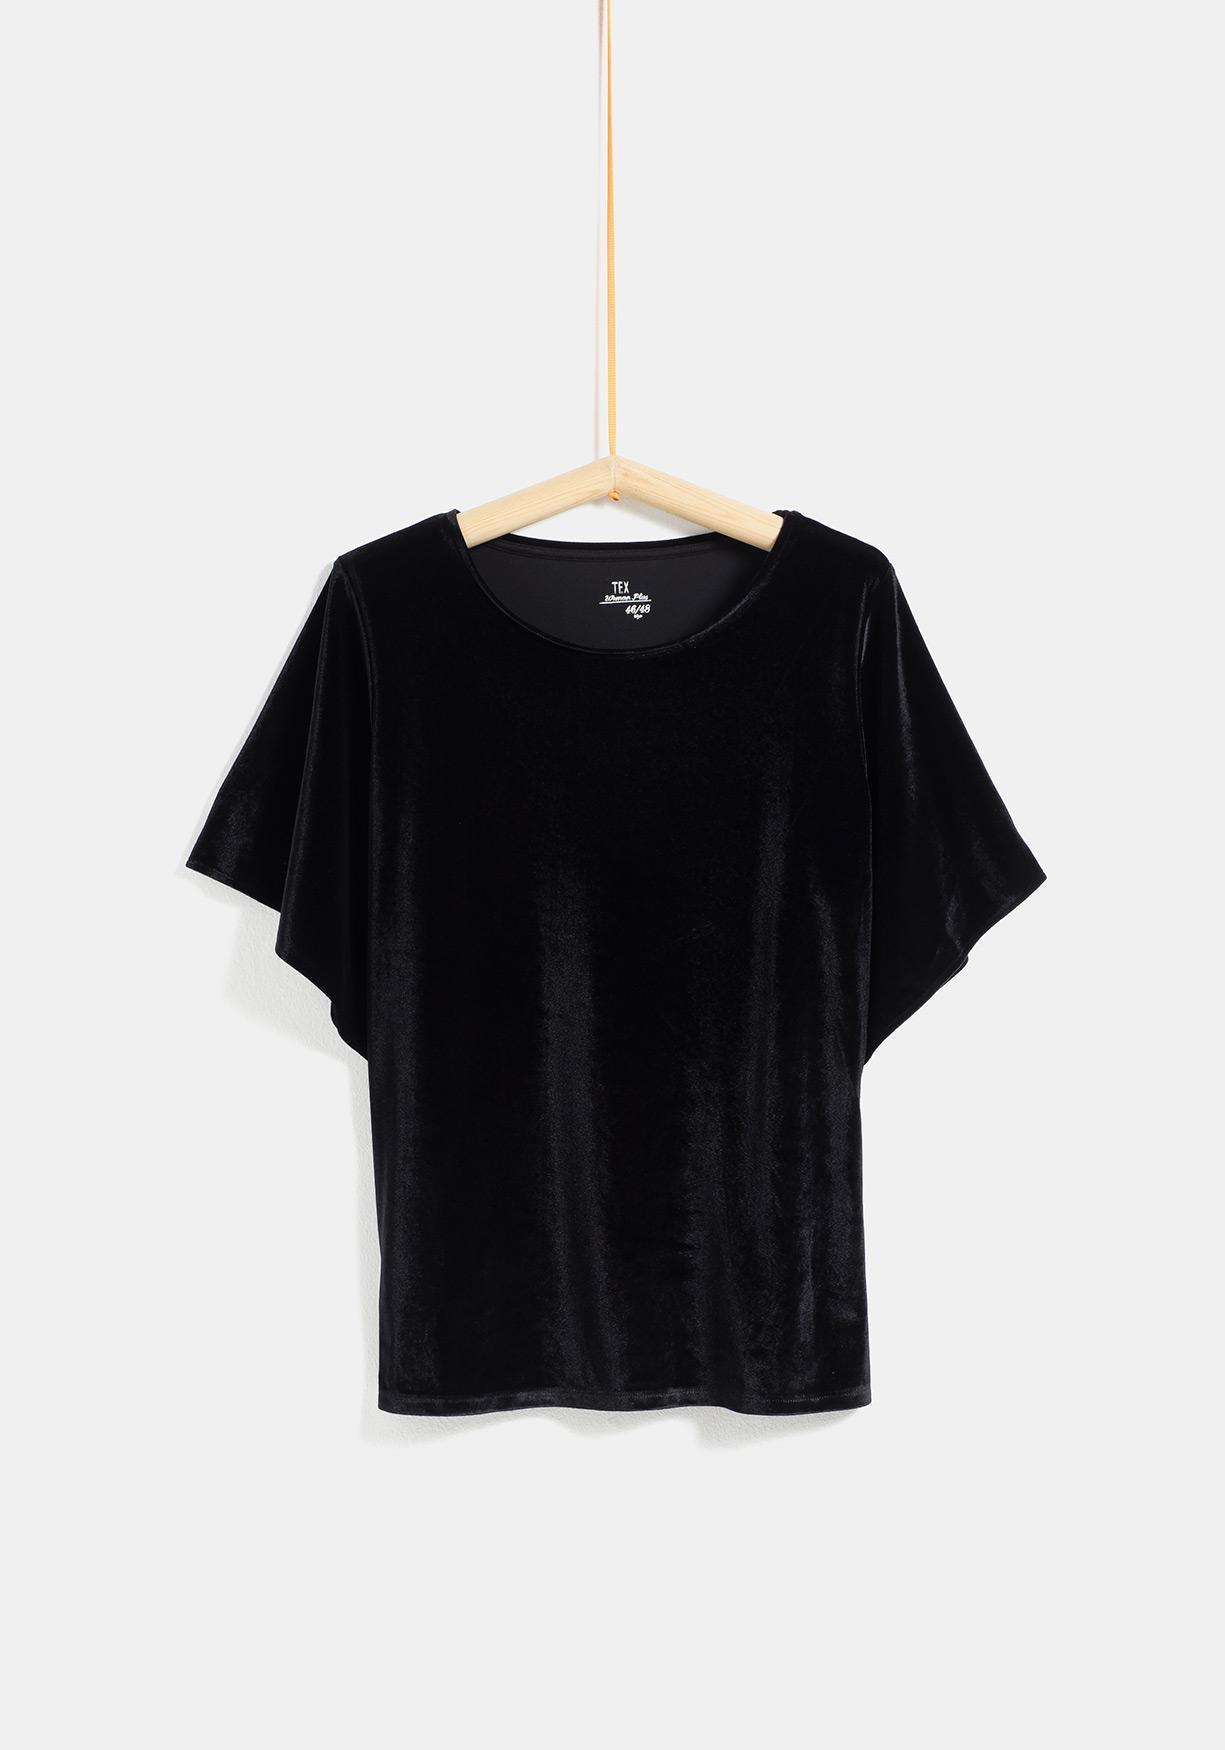 c6519ebef58 Comprar Camiseta de terciopelo tallas grandes TEX. ¡Aprovéchate de ...